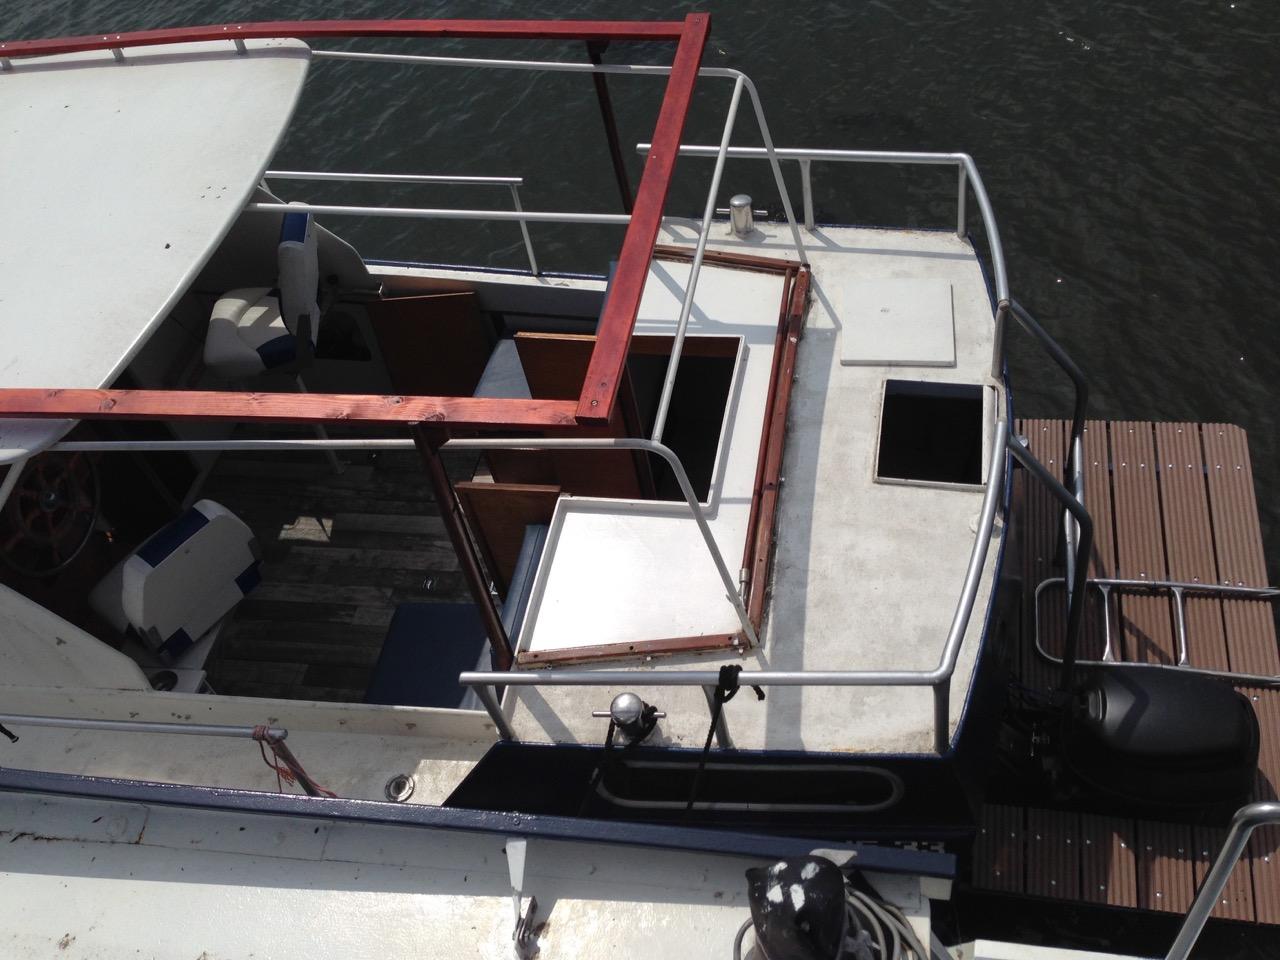 Kajütboot Stahlboot Motorboot Yacht Boot Diesel Motoryacht Schiff Kajüte